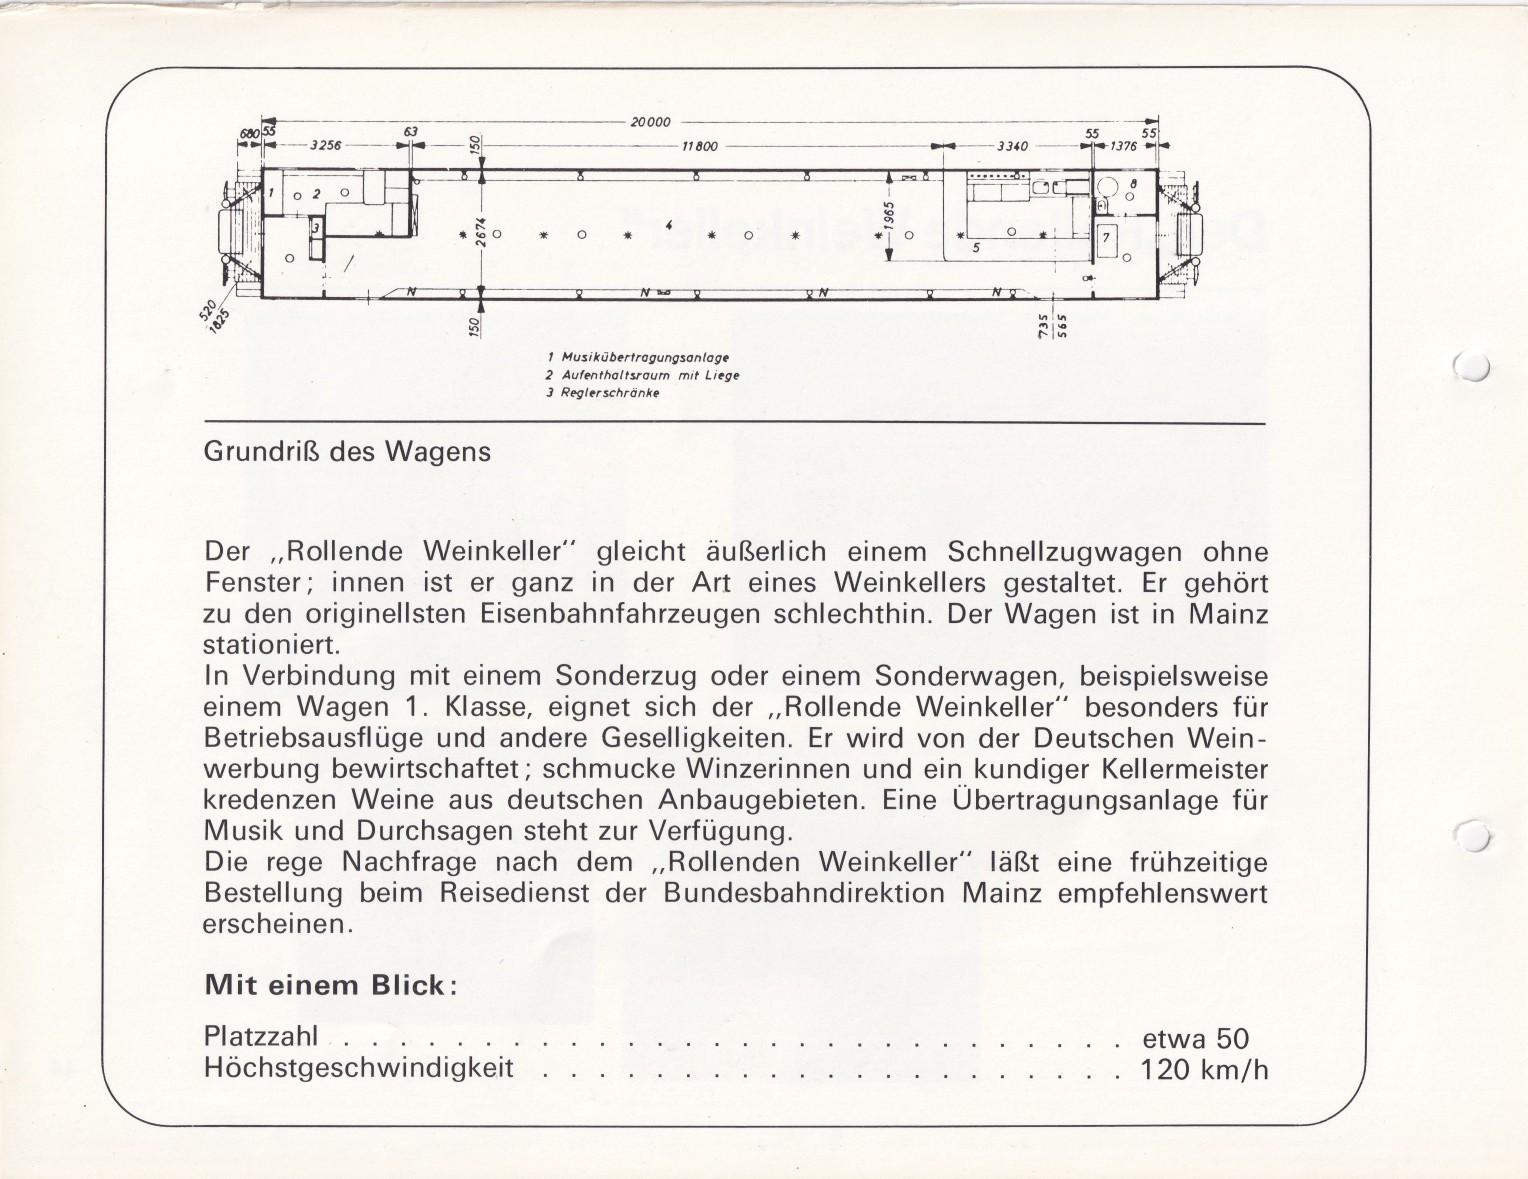 https://www.nullclub.de/hifo/Fahrzeuglexikon/Wagen44b.jpg